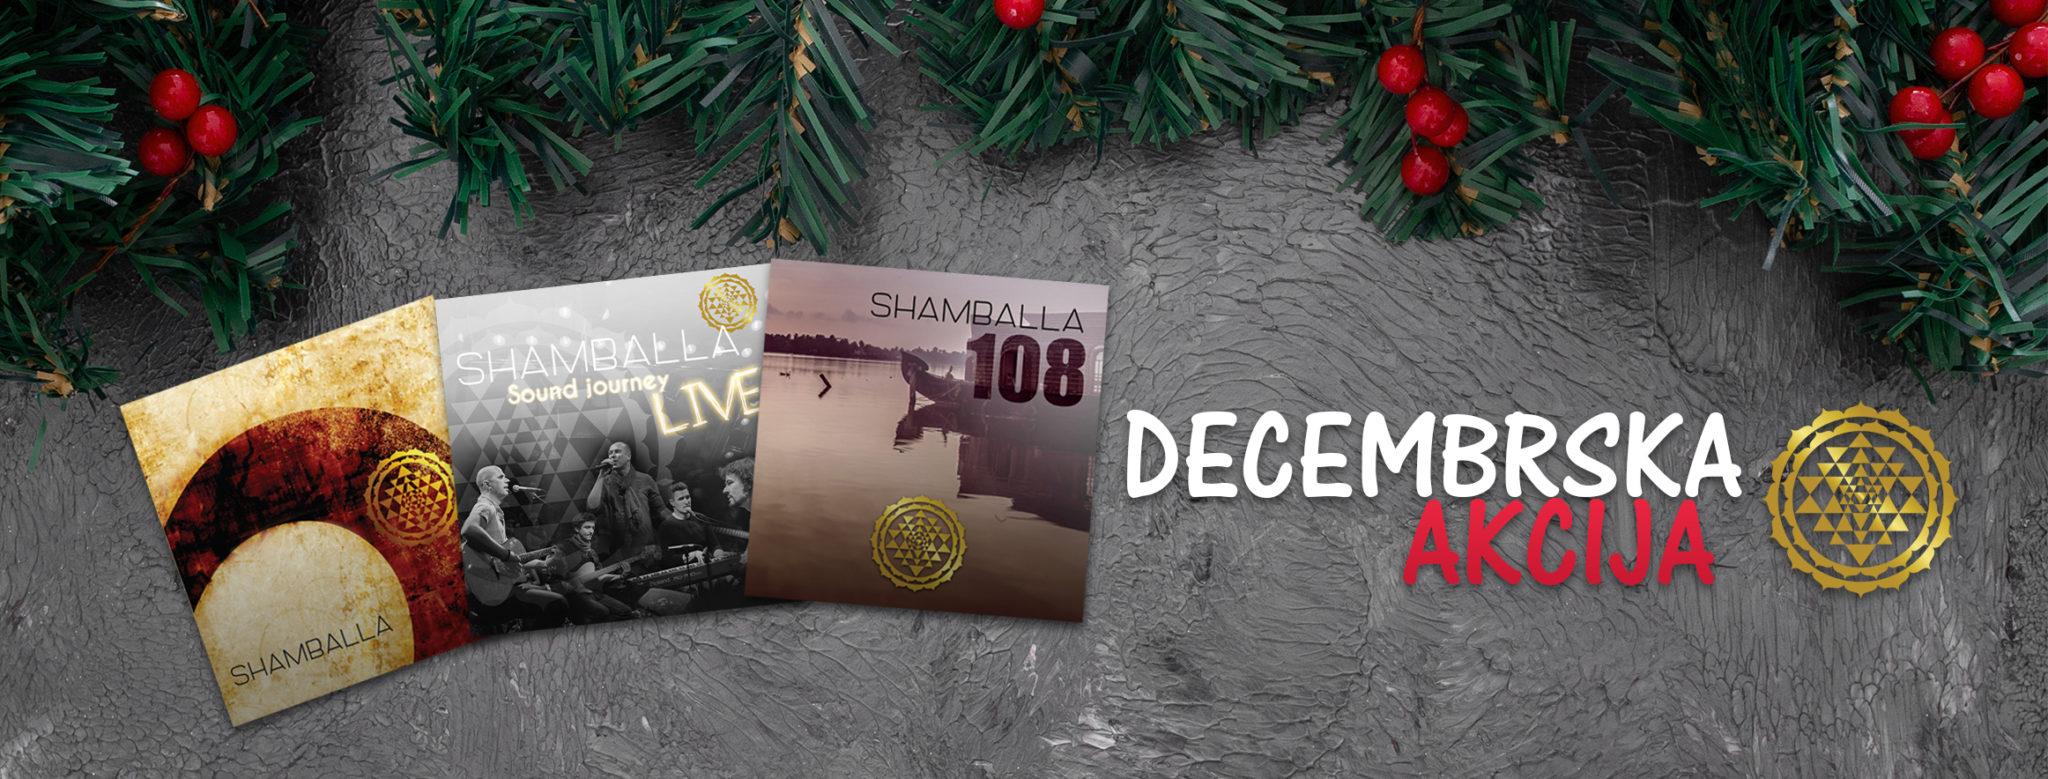 CD Shamballa